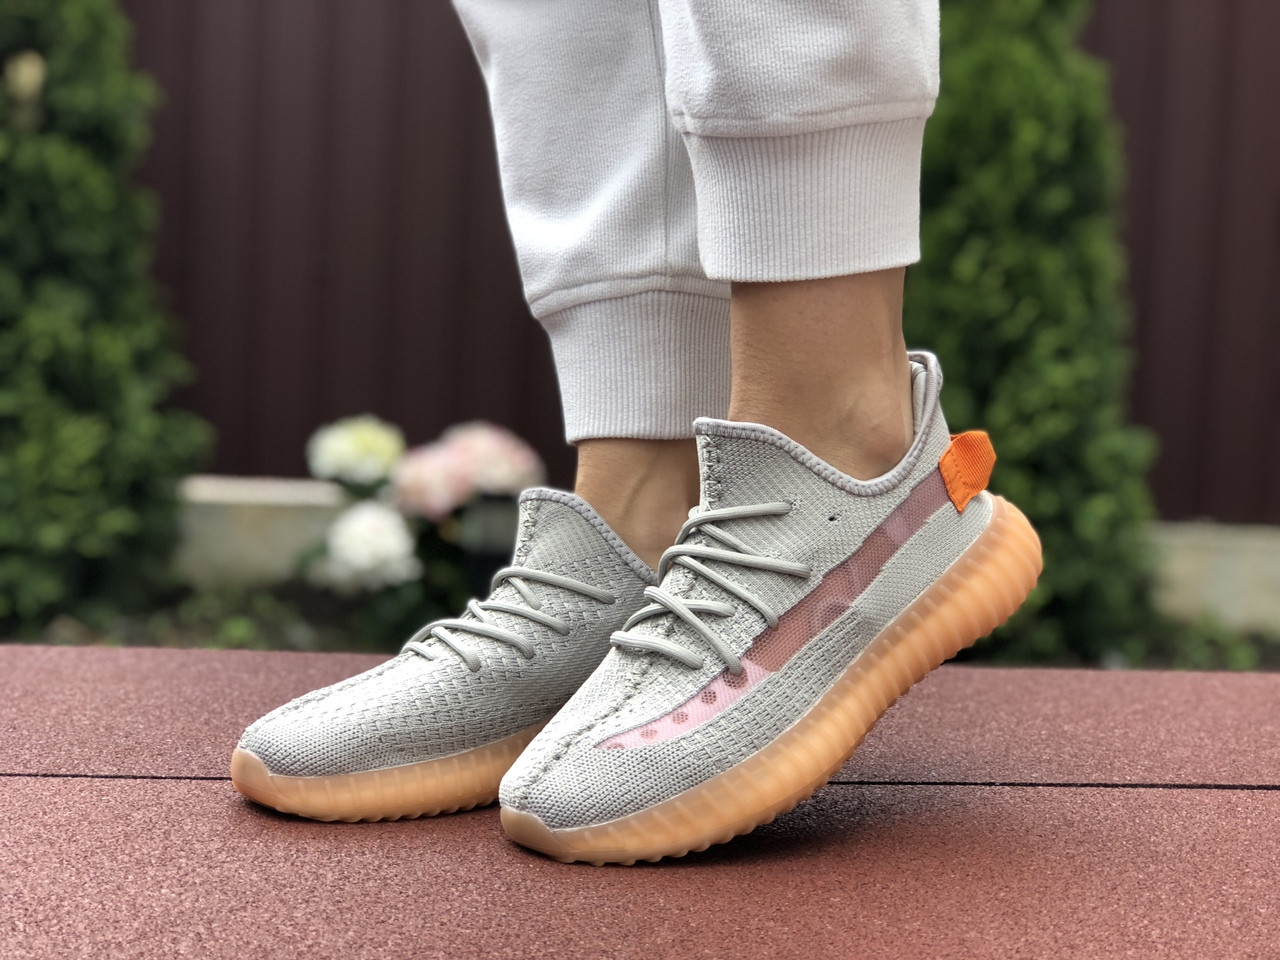 Модные кроссовки Adidas x Yeezy Boost,серые с персиком